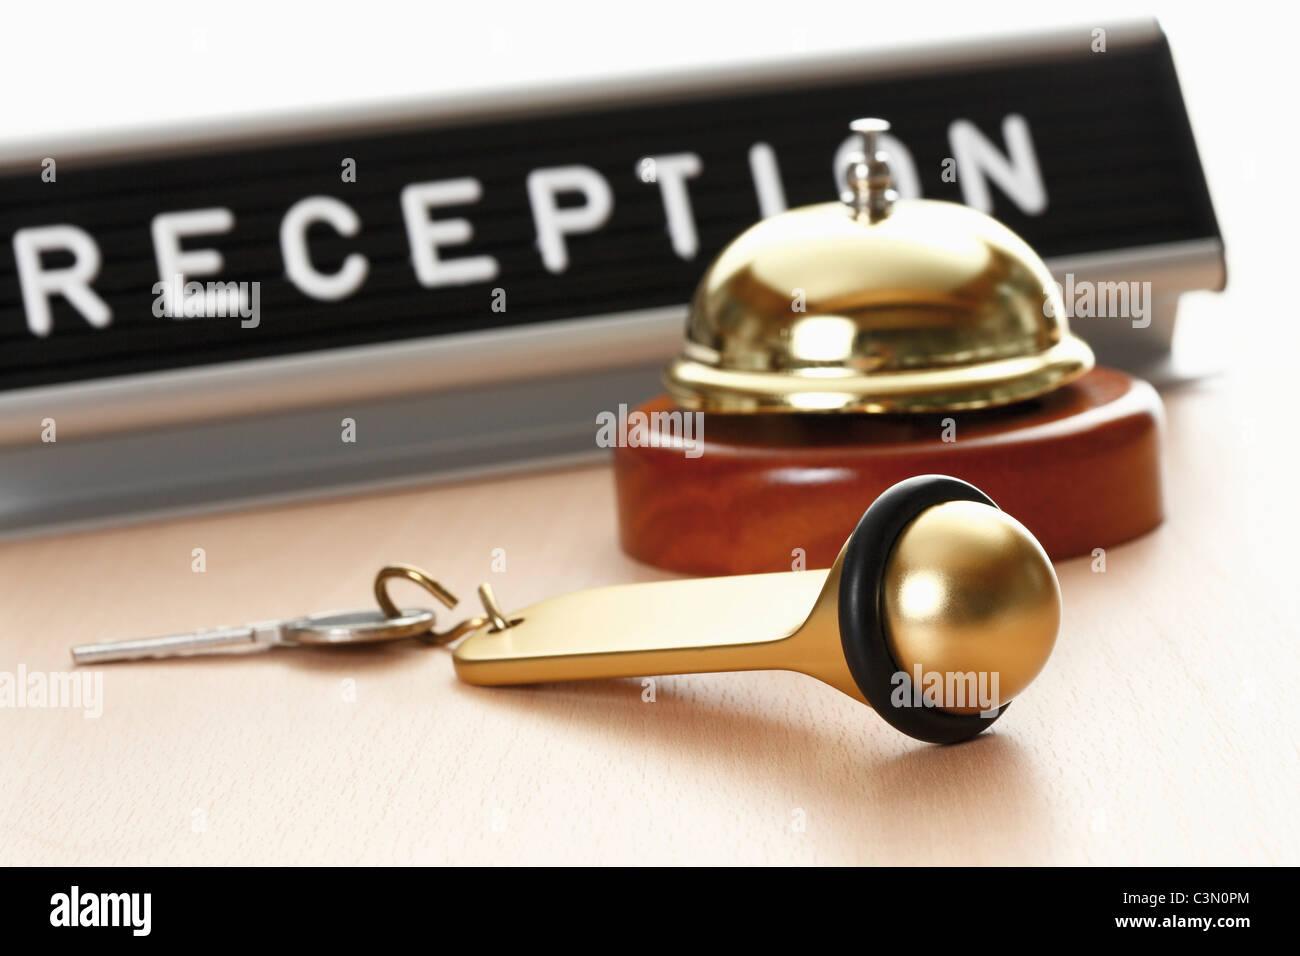 Segno di ricezione con servizio e bell hotel key sulla scrivania Immagini Stock